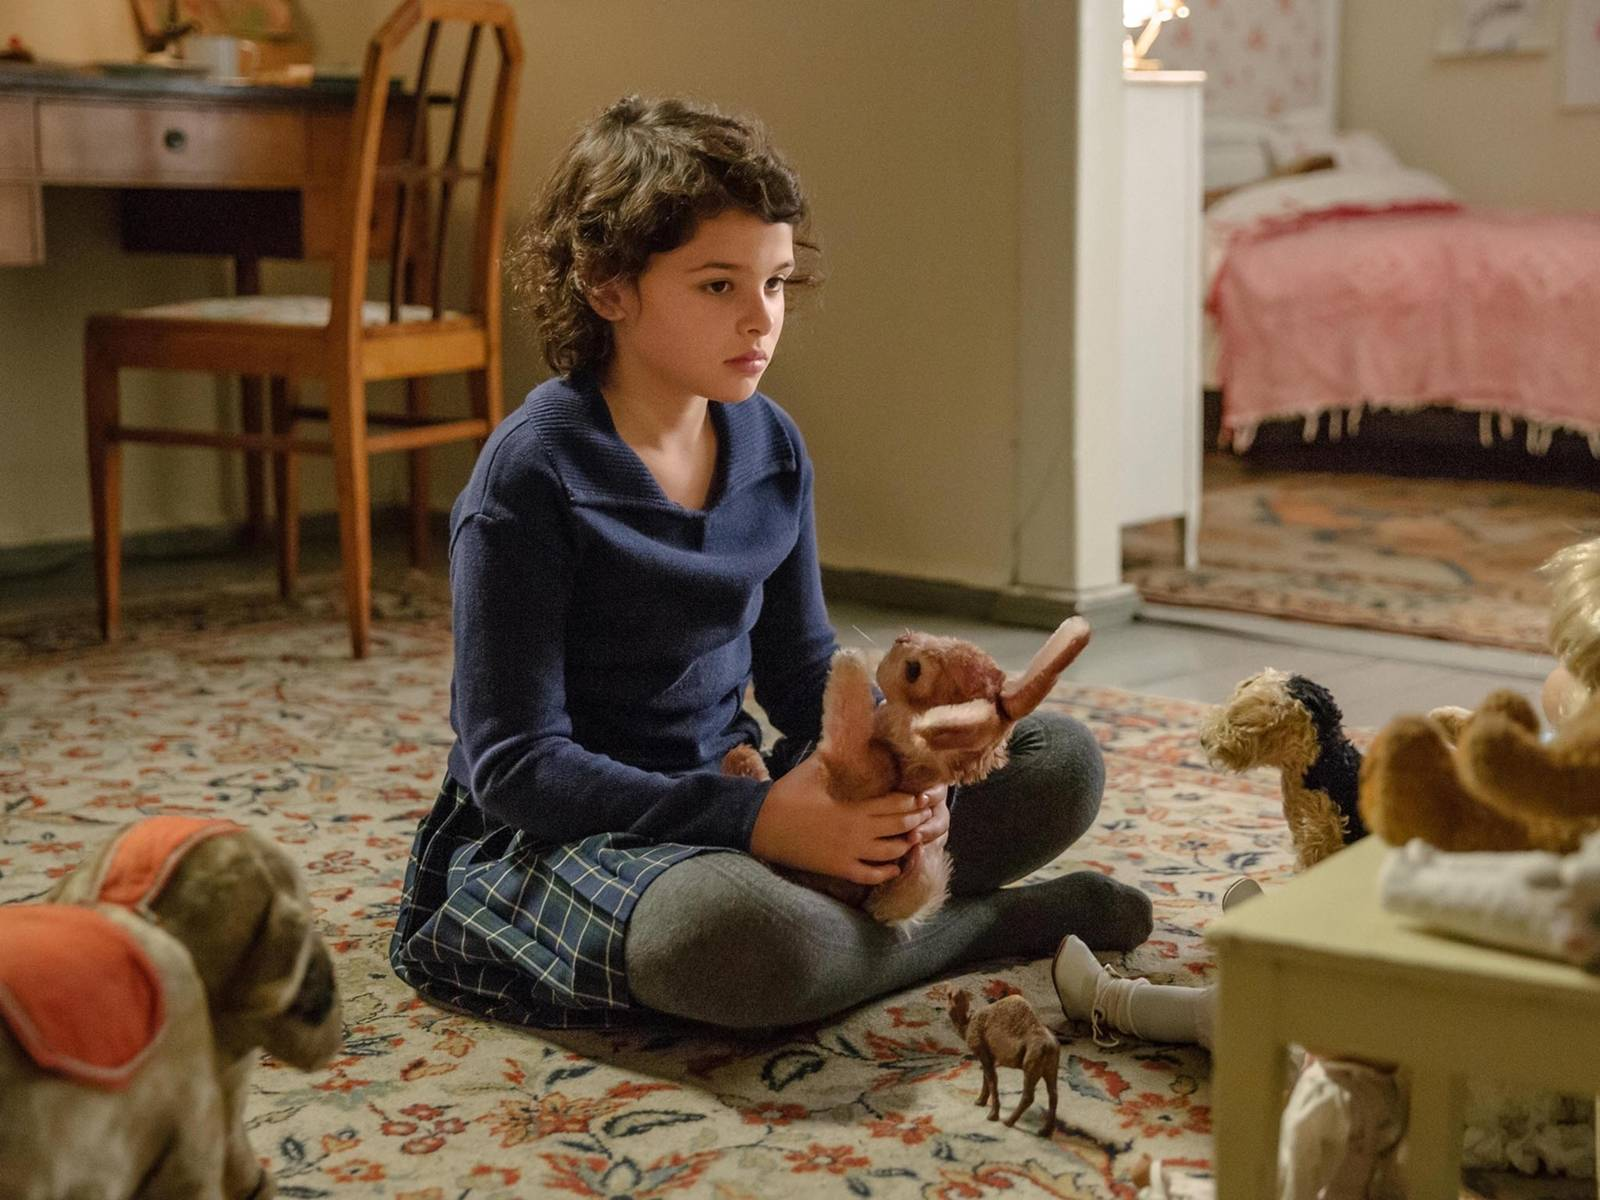 Ein zirka 10jähriges Mädchen sitzt im Schneidersitz auf einem Teppich. In den Händen hält sich ein rosa Kaninchen. Traurig schaut sie auf weitere Stofftiere.